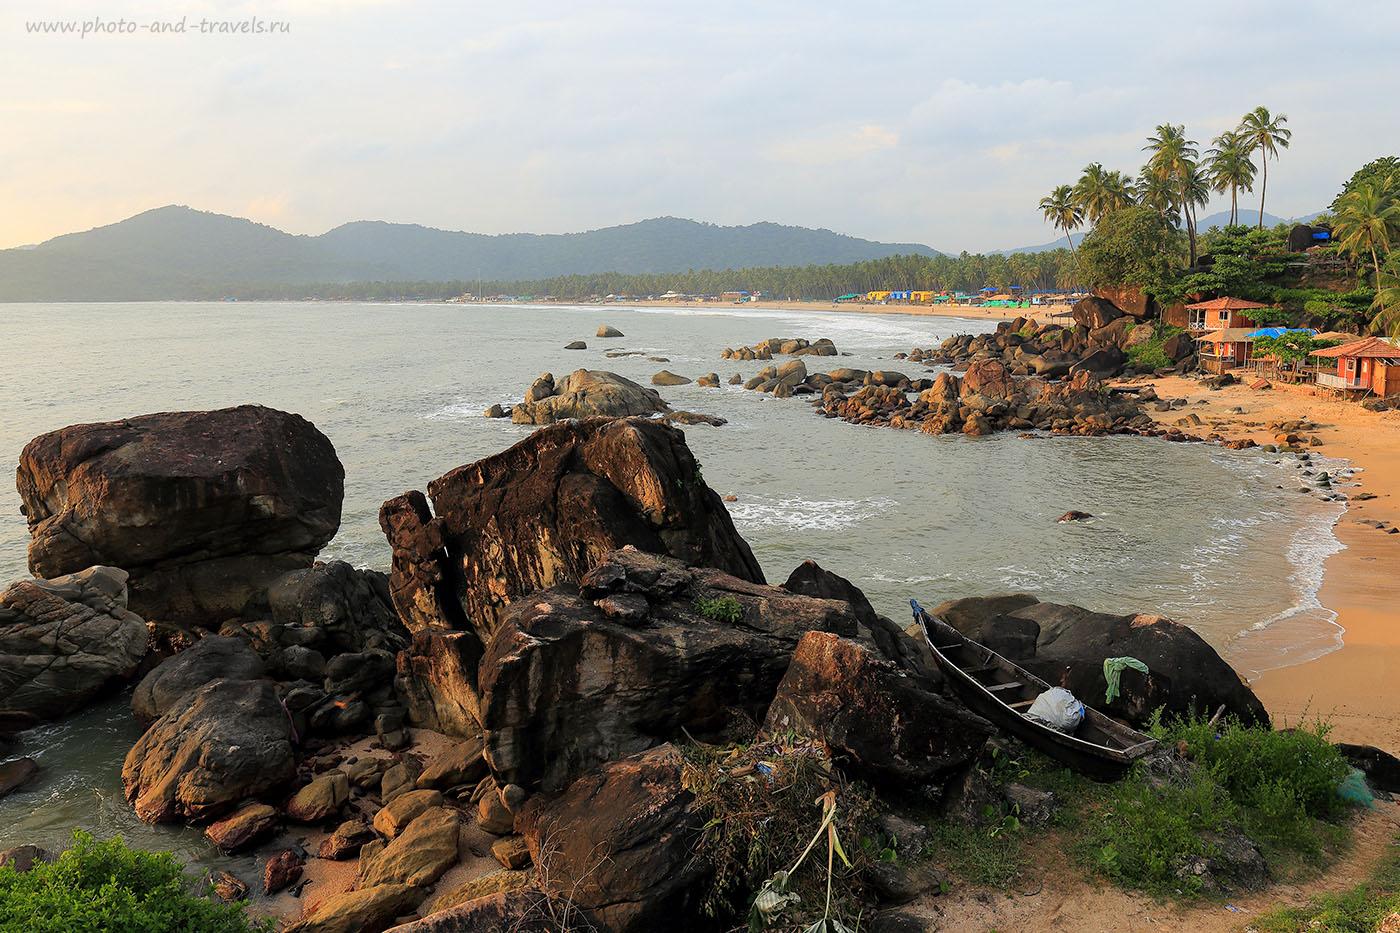 Фото 1. Вид на пляж Палолем, Южное Гоа. Отзывы туристов об отдыхе в Индии самостоятельно (фотоаппарат Canon EOS 6D, объектив Canon EF 24-70mm f/4L IS USM, параметры съемки: выдержка 1/160 с, экспокоррекция «-1eV», диафрагма f9, фокусное расстояние 24 mm, ISO 100)